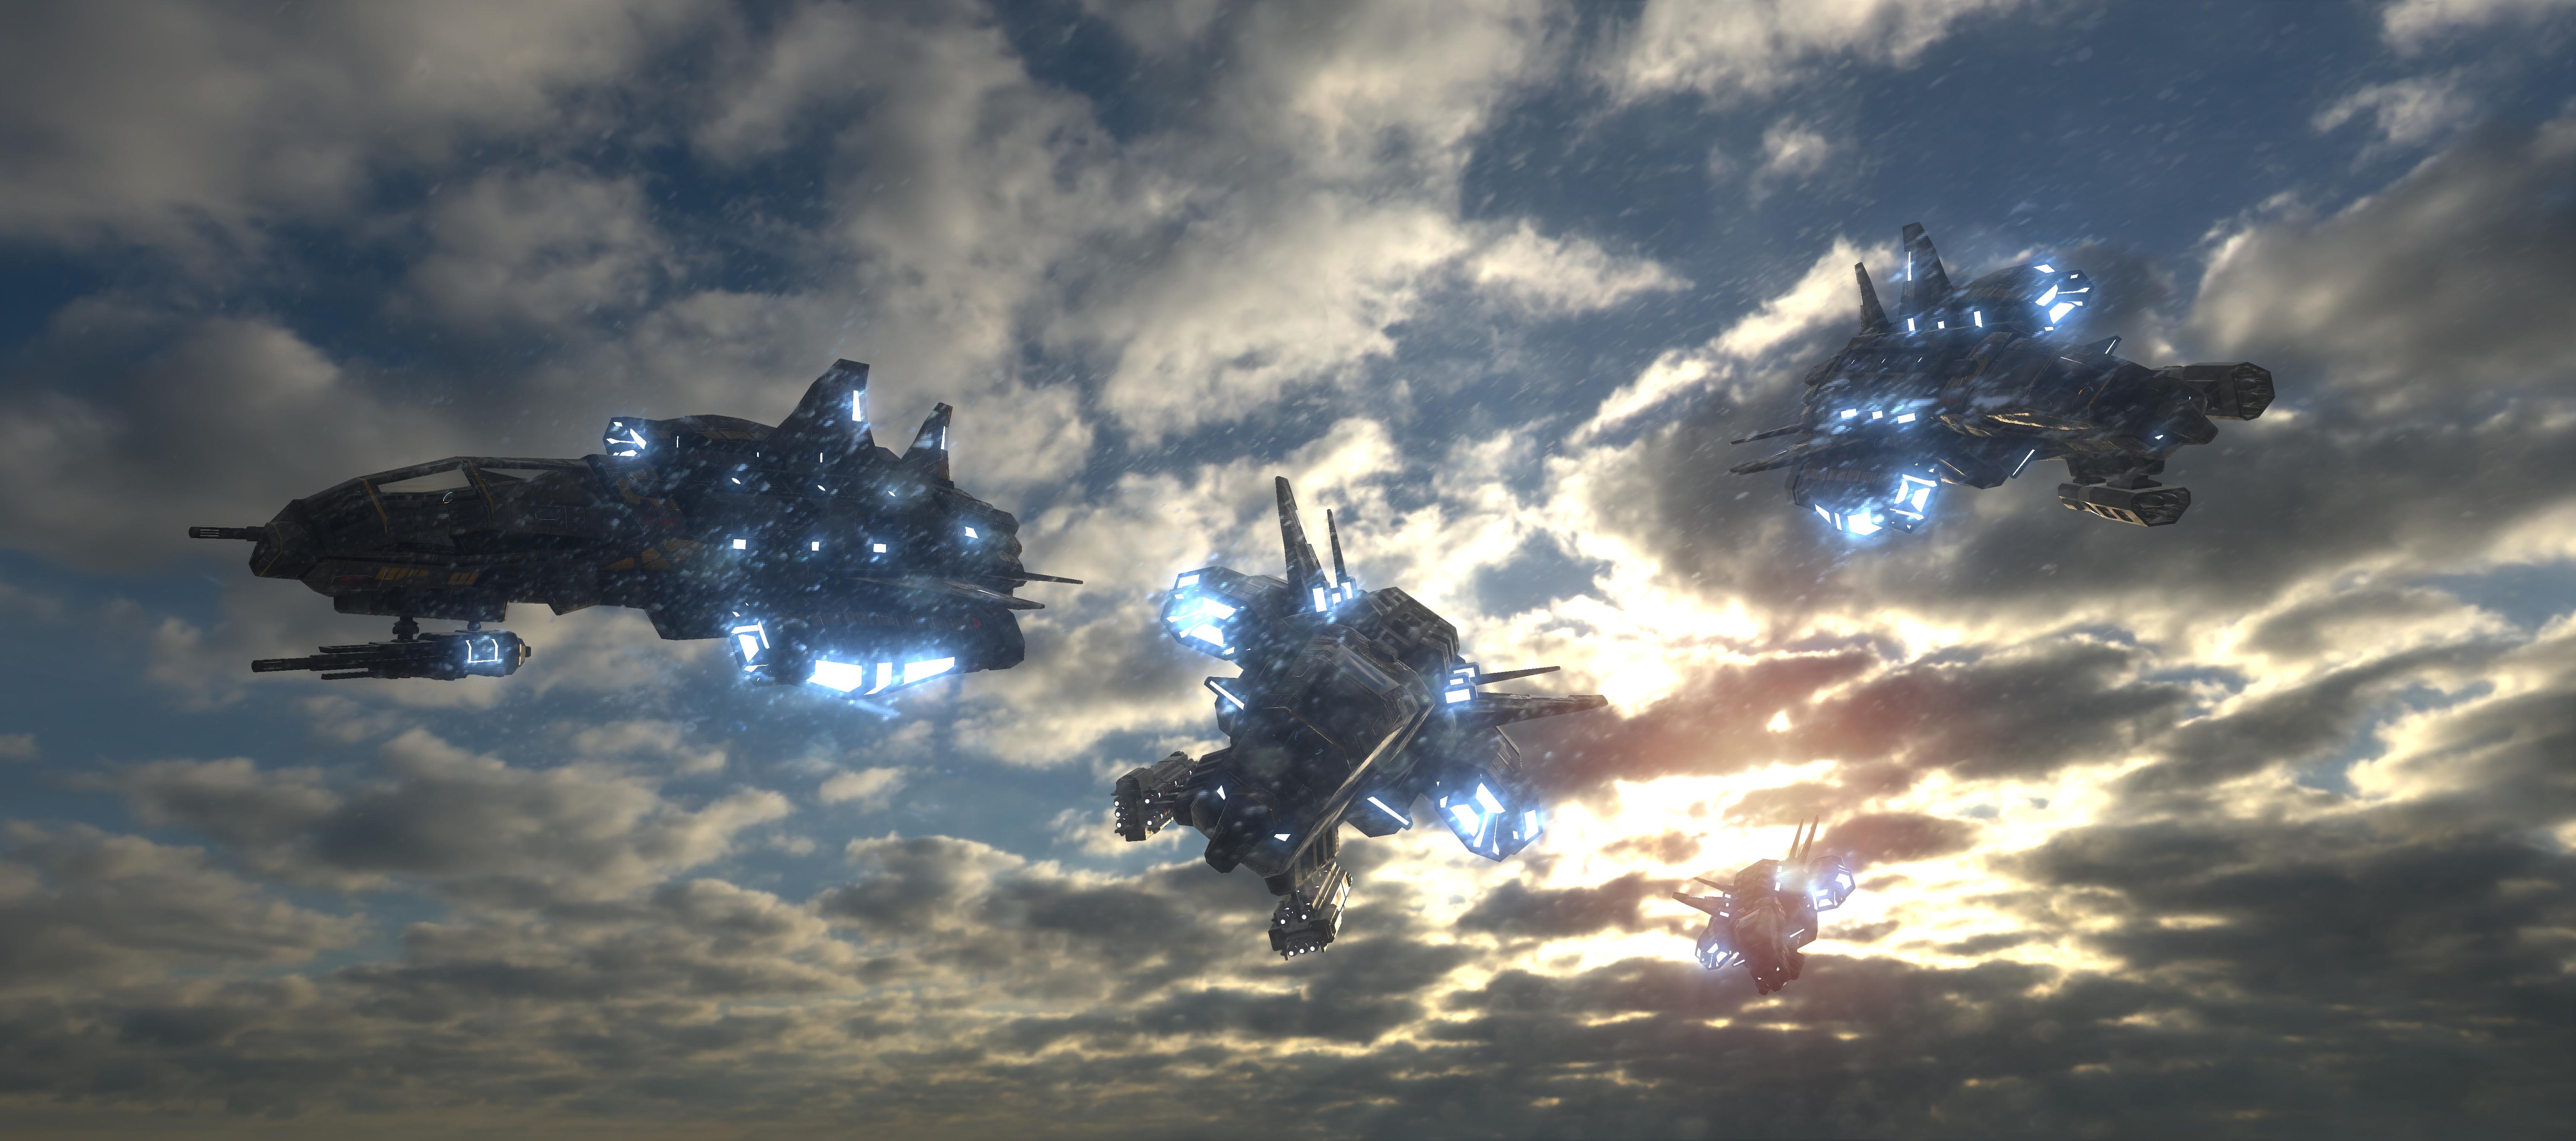 Forgotten Star 3D Concepts